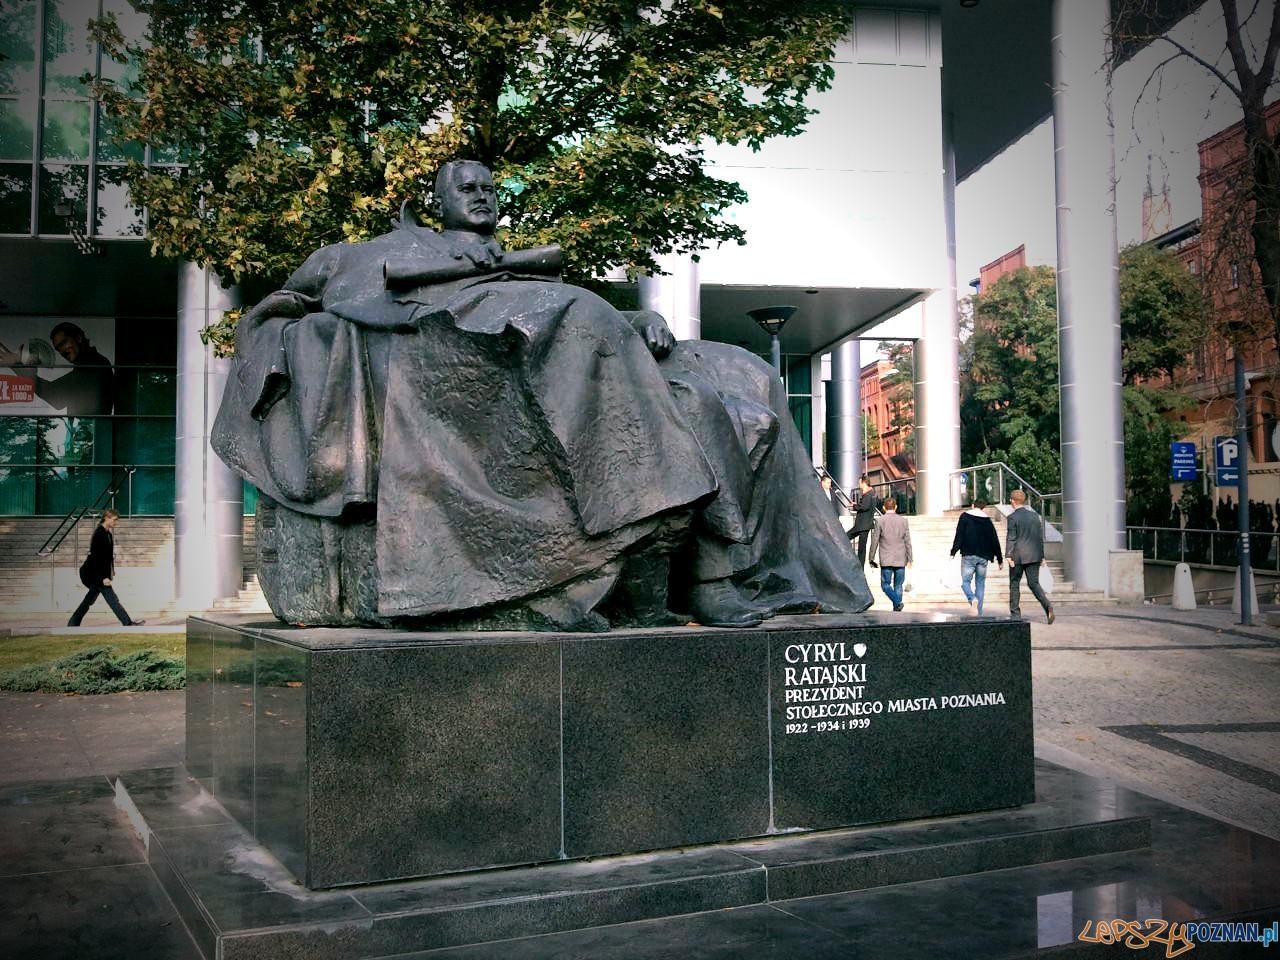 Pomnik Cyryla Ratajskiego